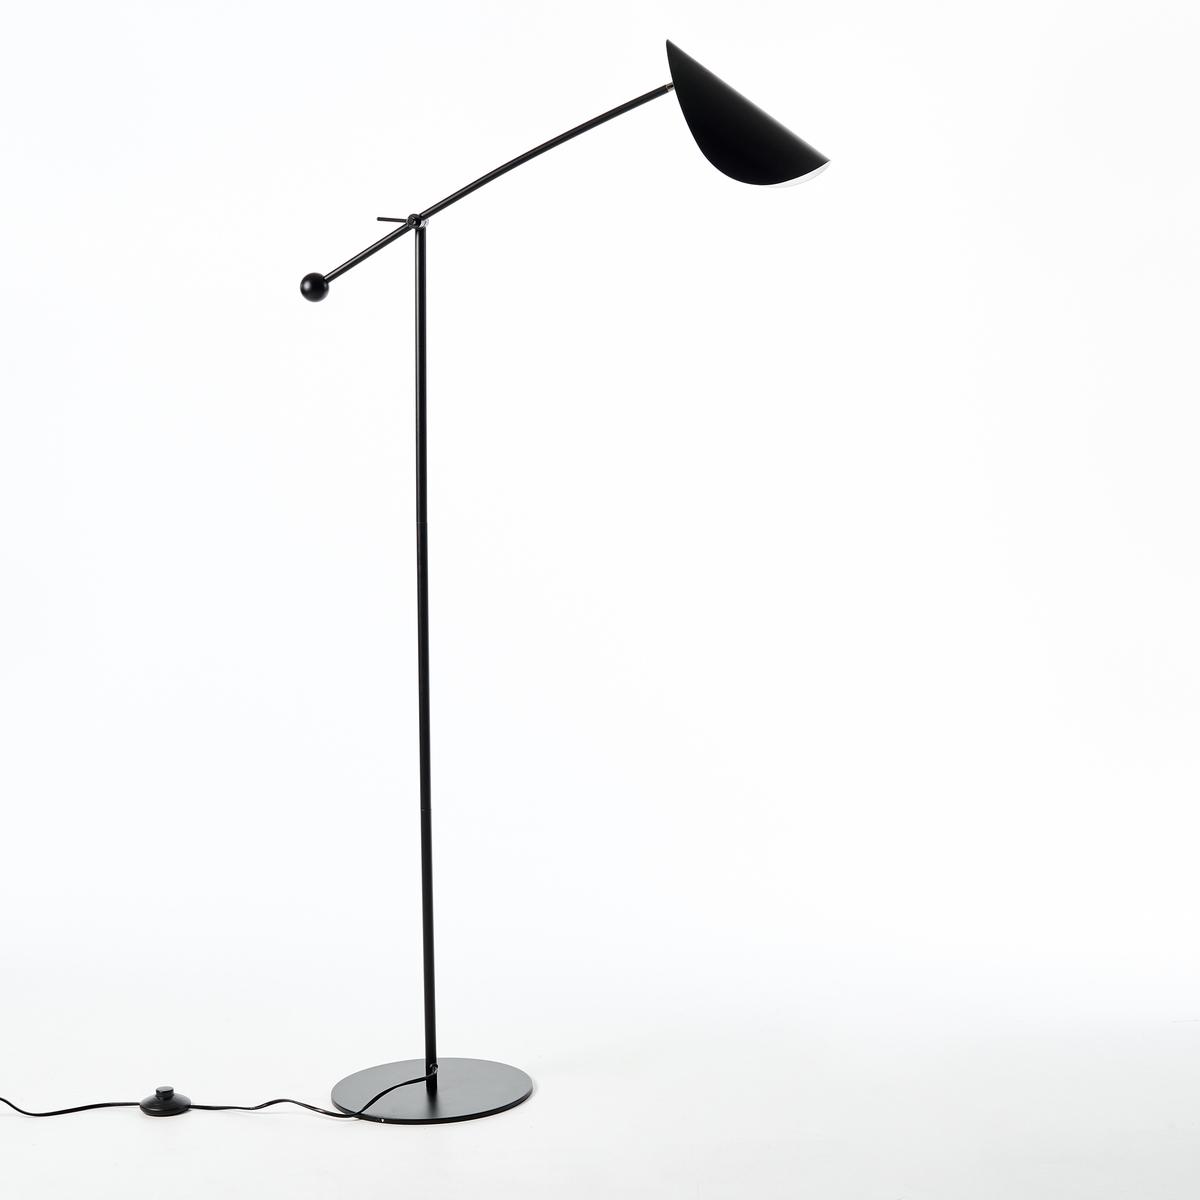 Настольная лампа FunambuleНастольная лампа Funambule. Тонкая и воздушная форма, вдохновленная движущимися объектами и природой, поворачивающийся абажур в форме листа. Настольная лампа для направленного освещения, идеально подходит для чтения.Характеристики :Из металла с матовым эпоксидным покрытием- Цоколь E14 для флуоресцентных ламп макс. 8 Вт (продаются отдельно)- Совместима с лампами класса энергопотребления A Размеры :- 77 x 123 см- Основание ?28 см<br><br>Цвет: черный